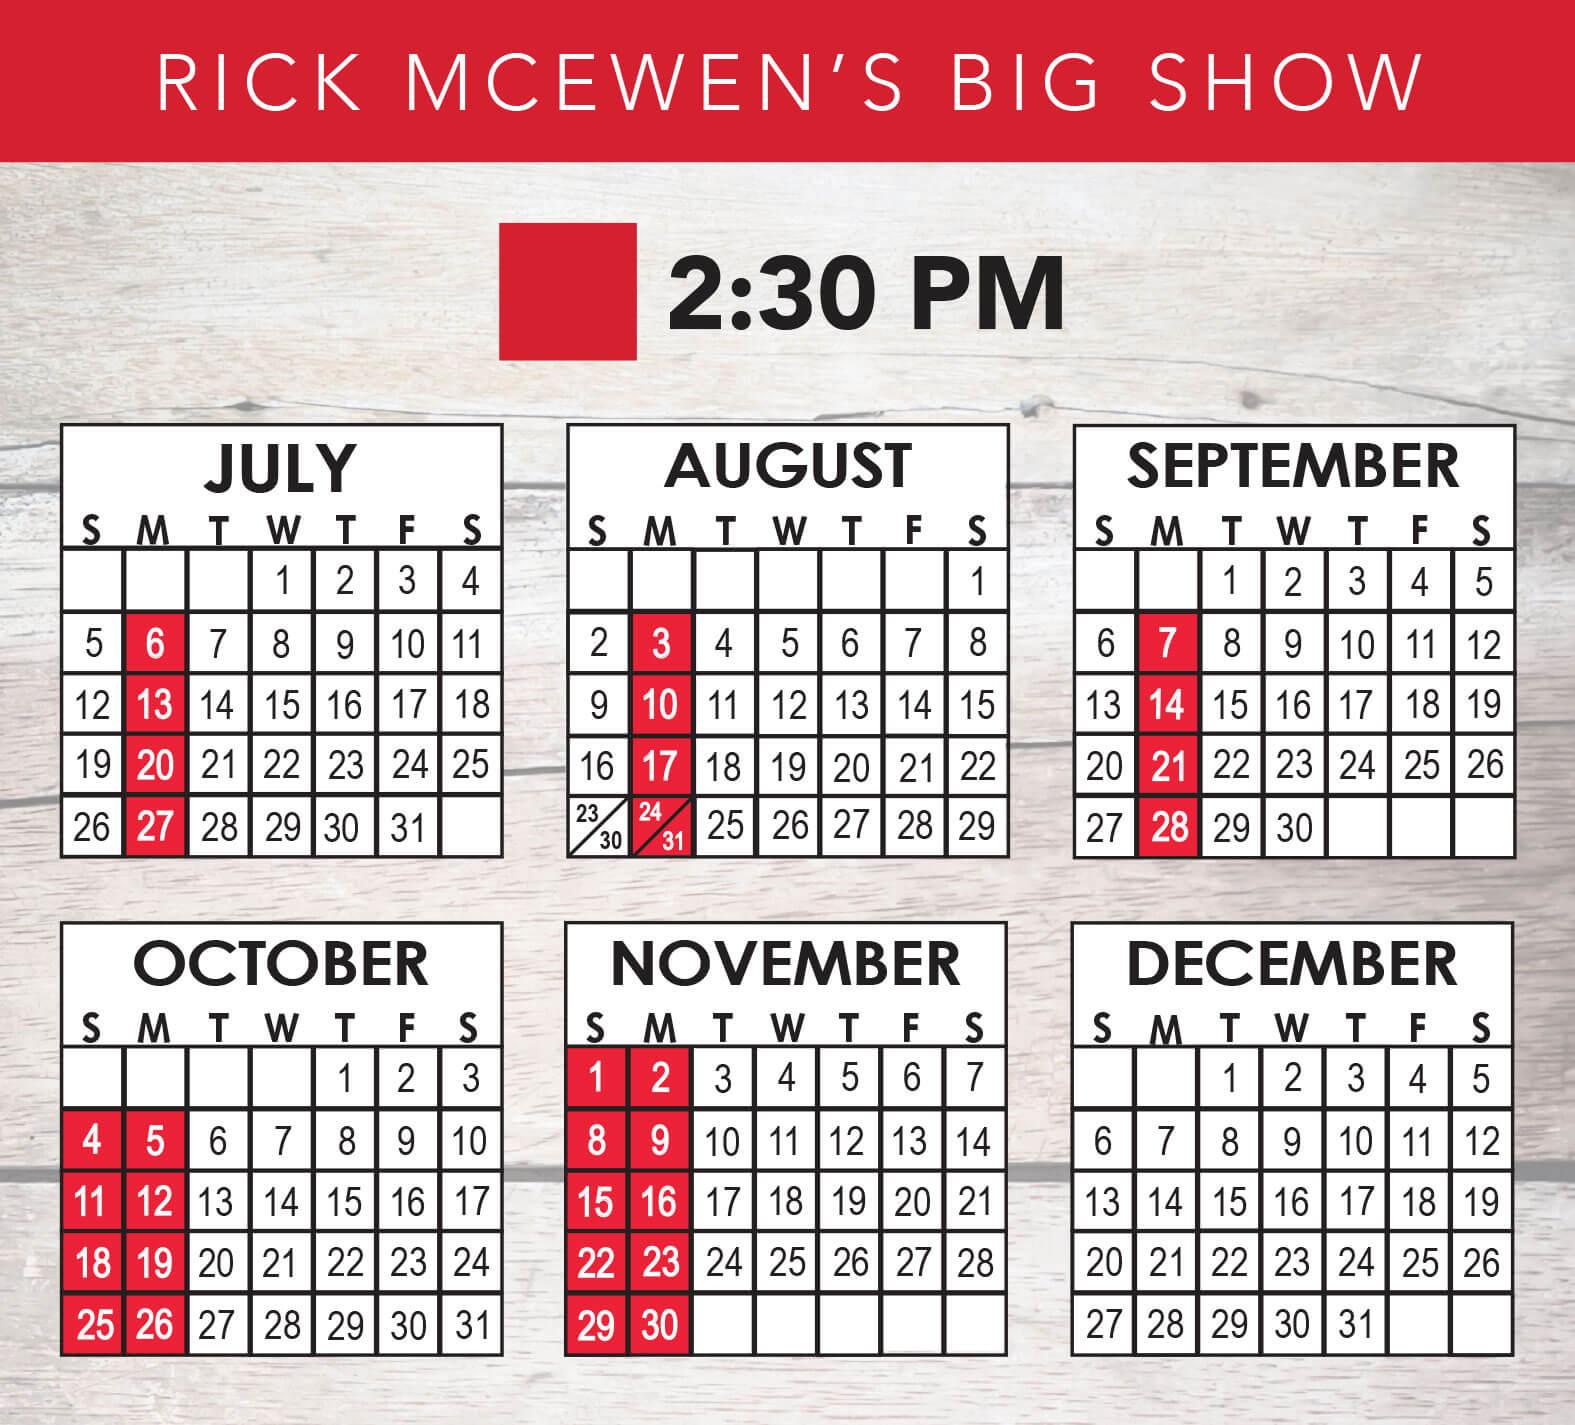 Rick McEwen's Big Show 2020 Schedule